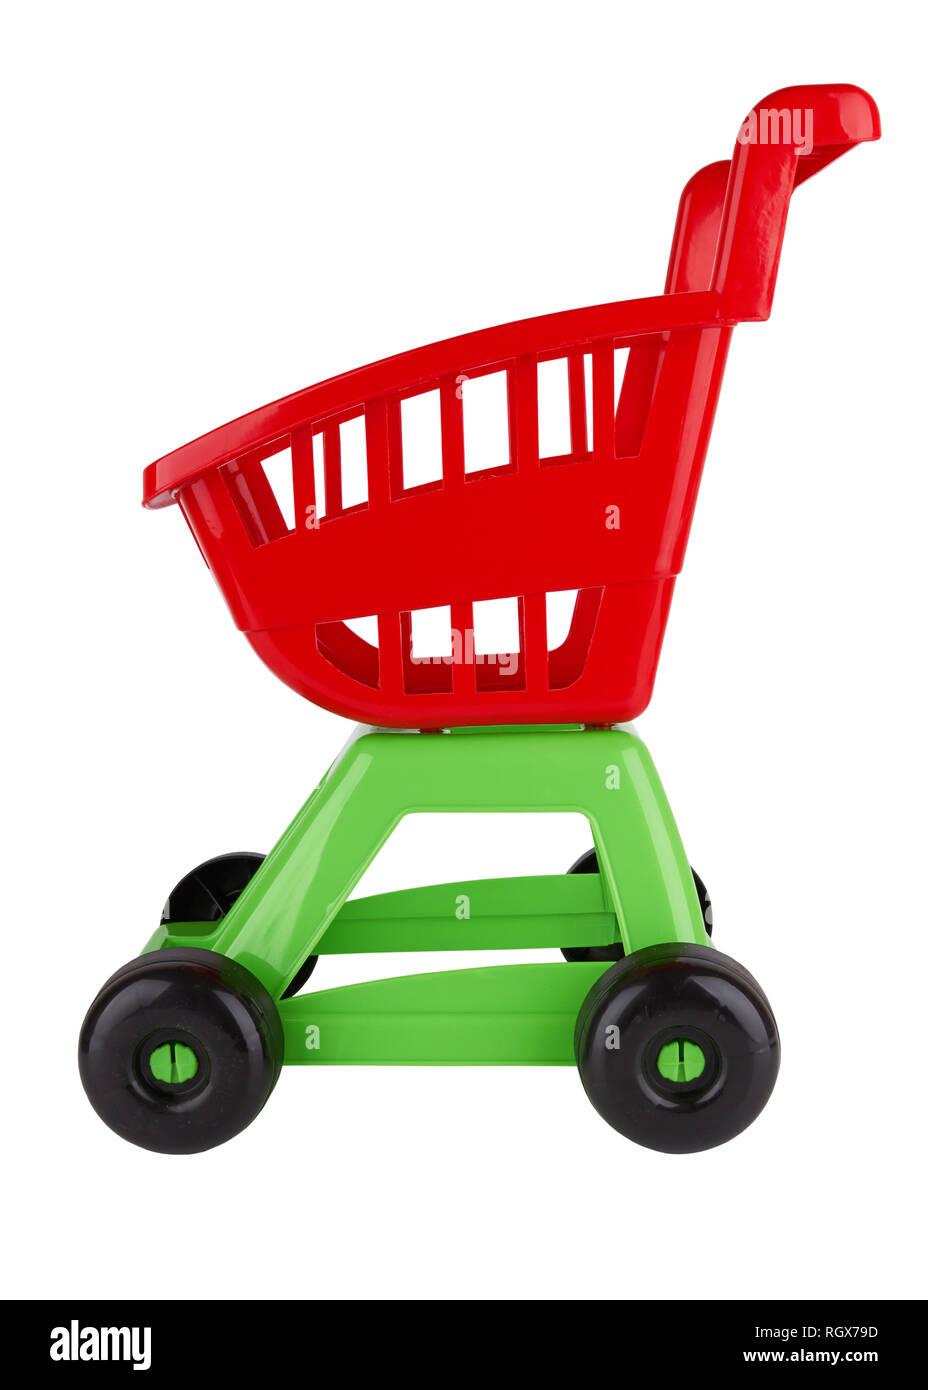 Toy shopping cart isolated on white background Stock Photo